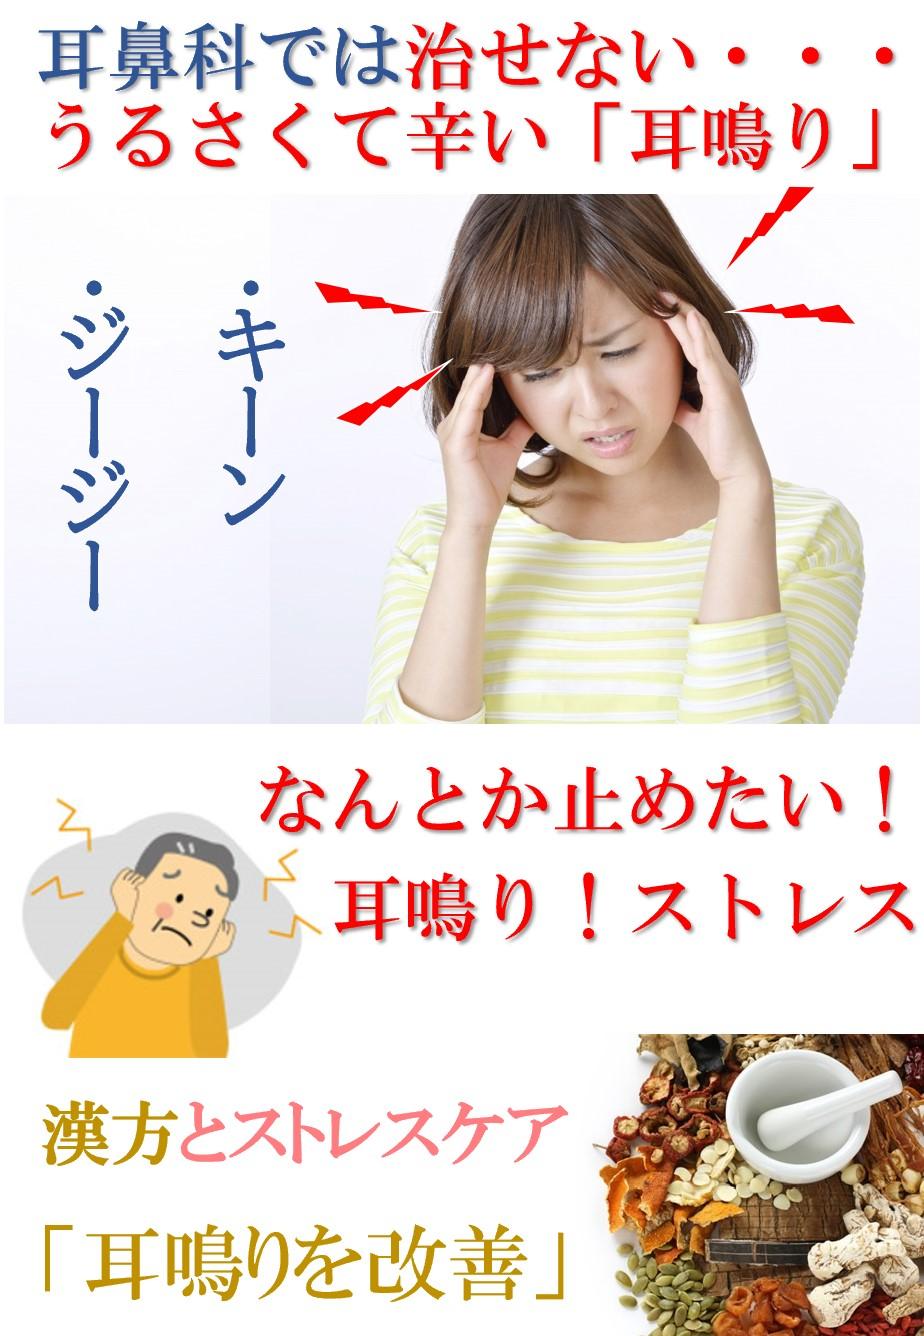 「キーン・ジージー・ゴー」などの音が鳴り響く耳鳴りは不快であり健康を崩すきっかけにもなるやっかいな症状です。